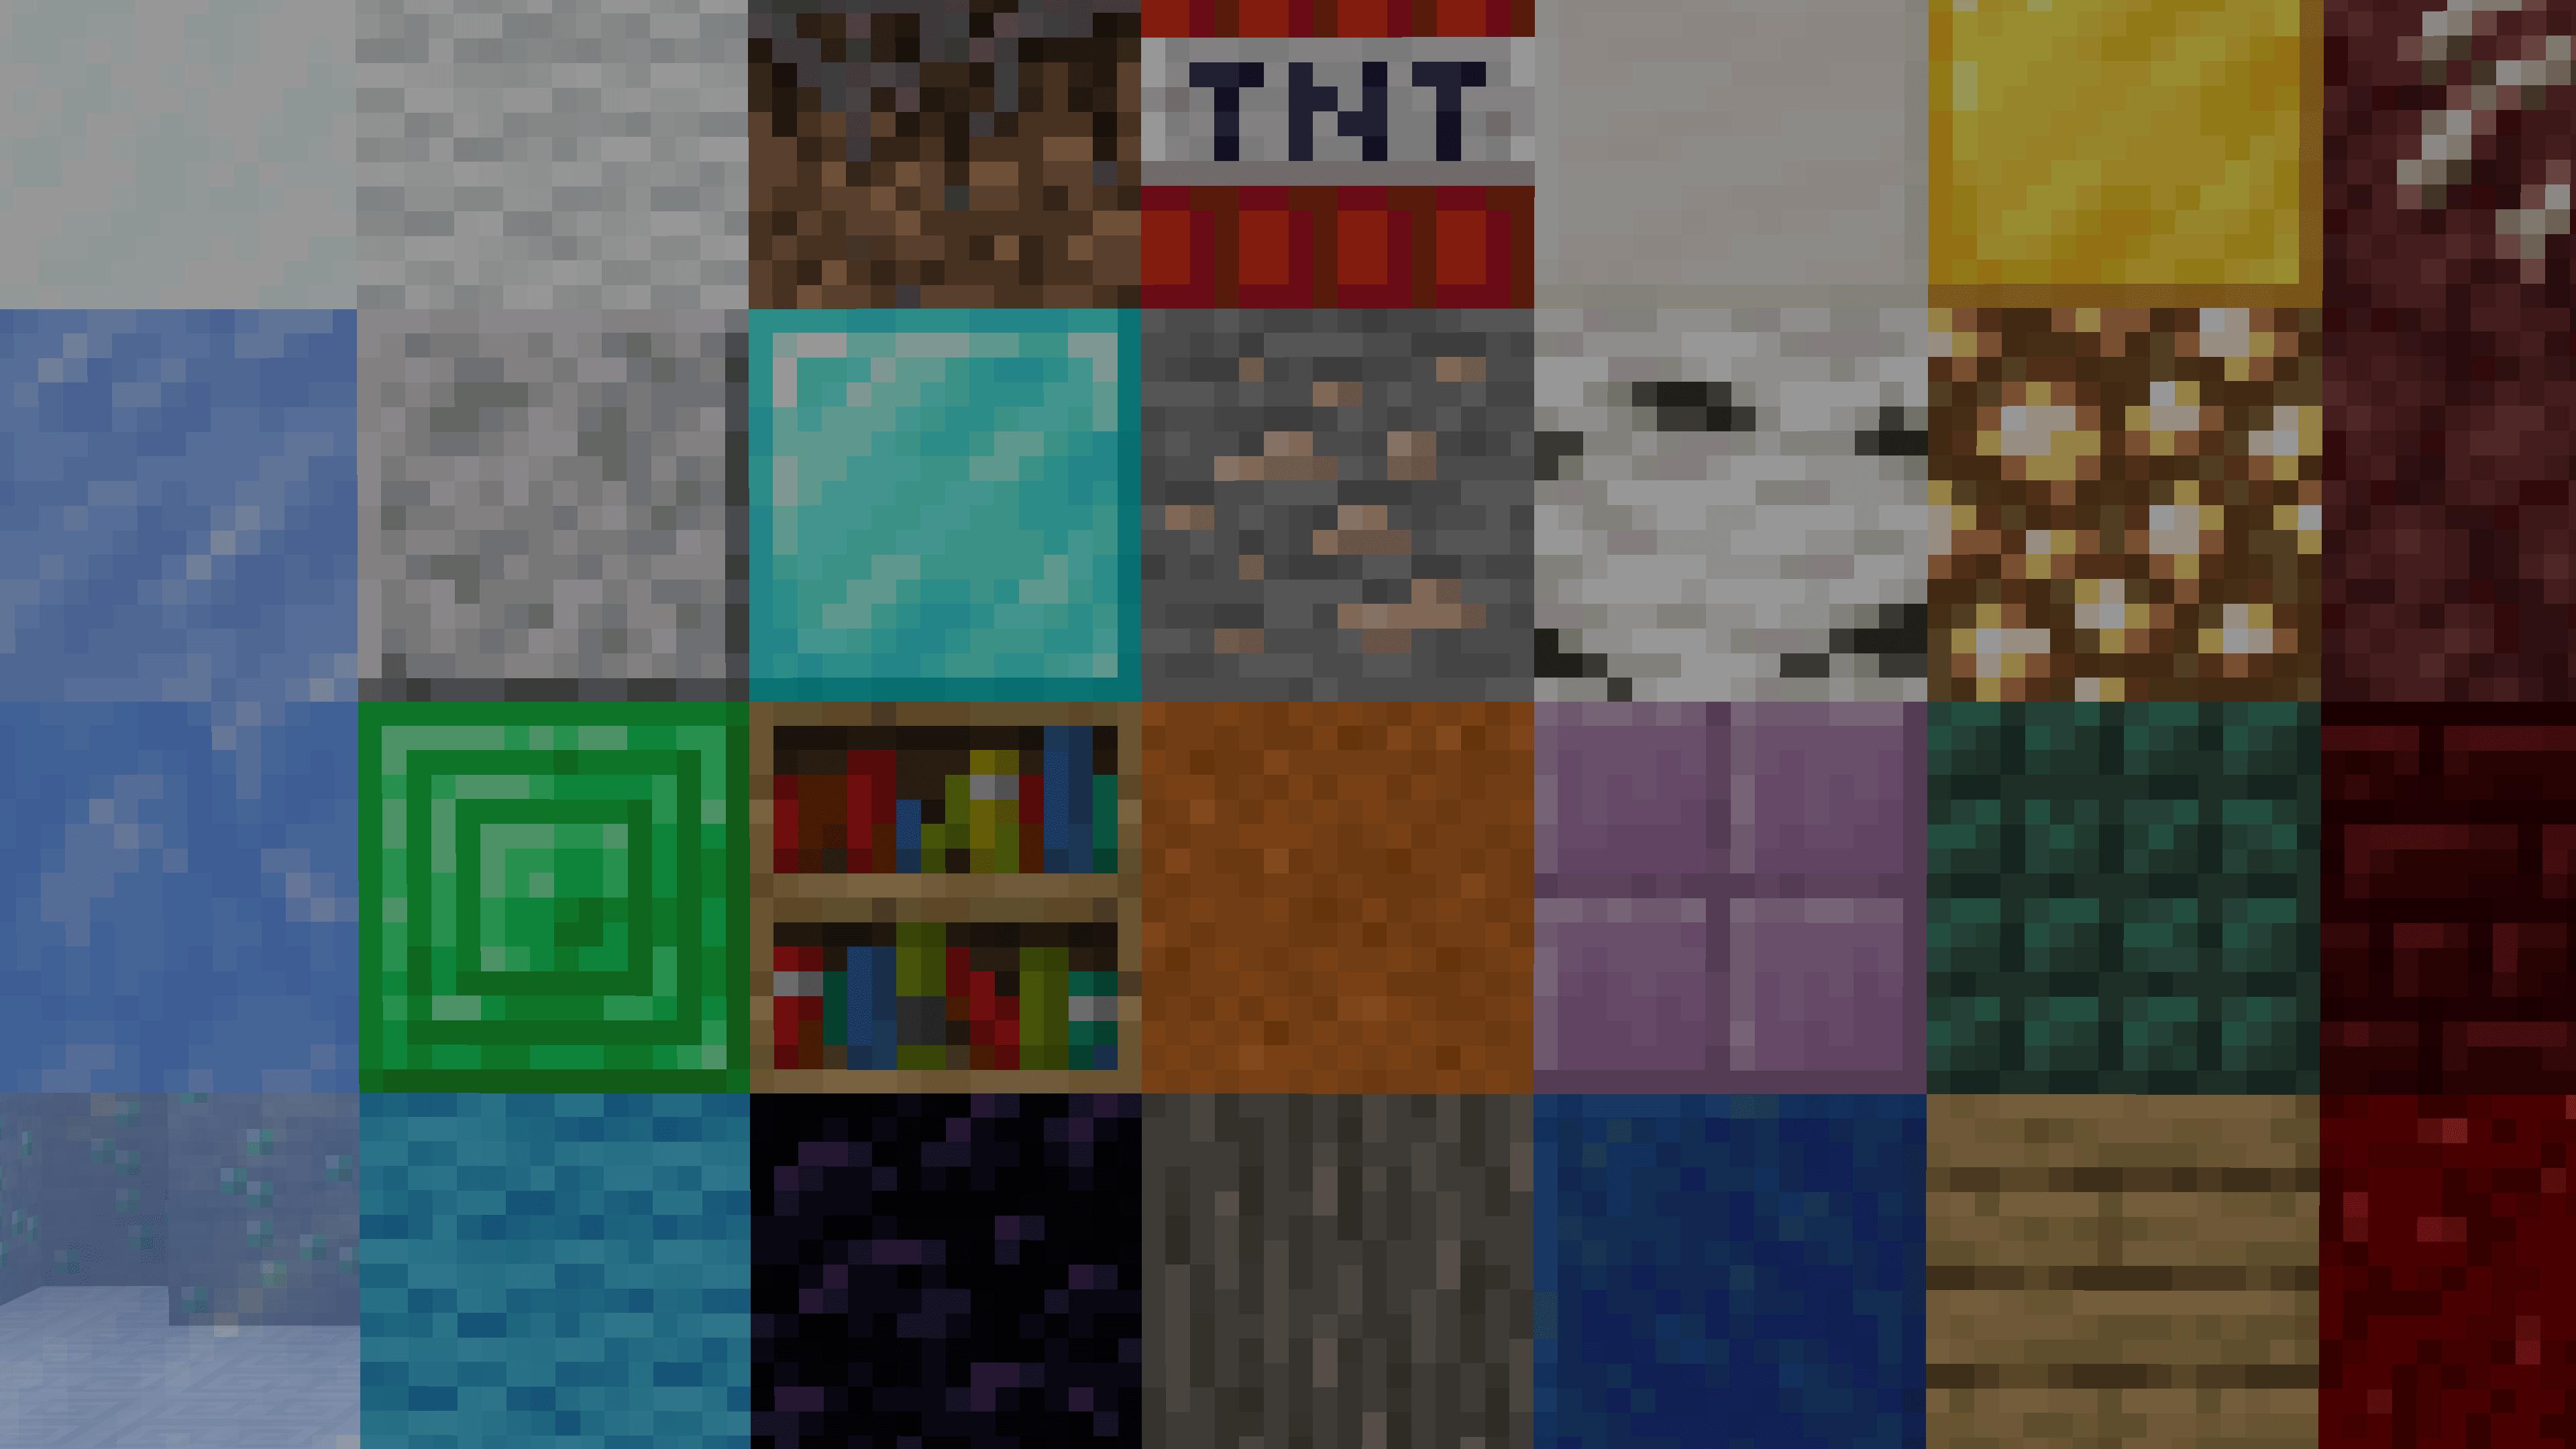 Ecco qua come disattivare il drop dei blocchi in Minecraft. Richiederà un semplice Gamerule. Grazie per essere qui.